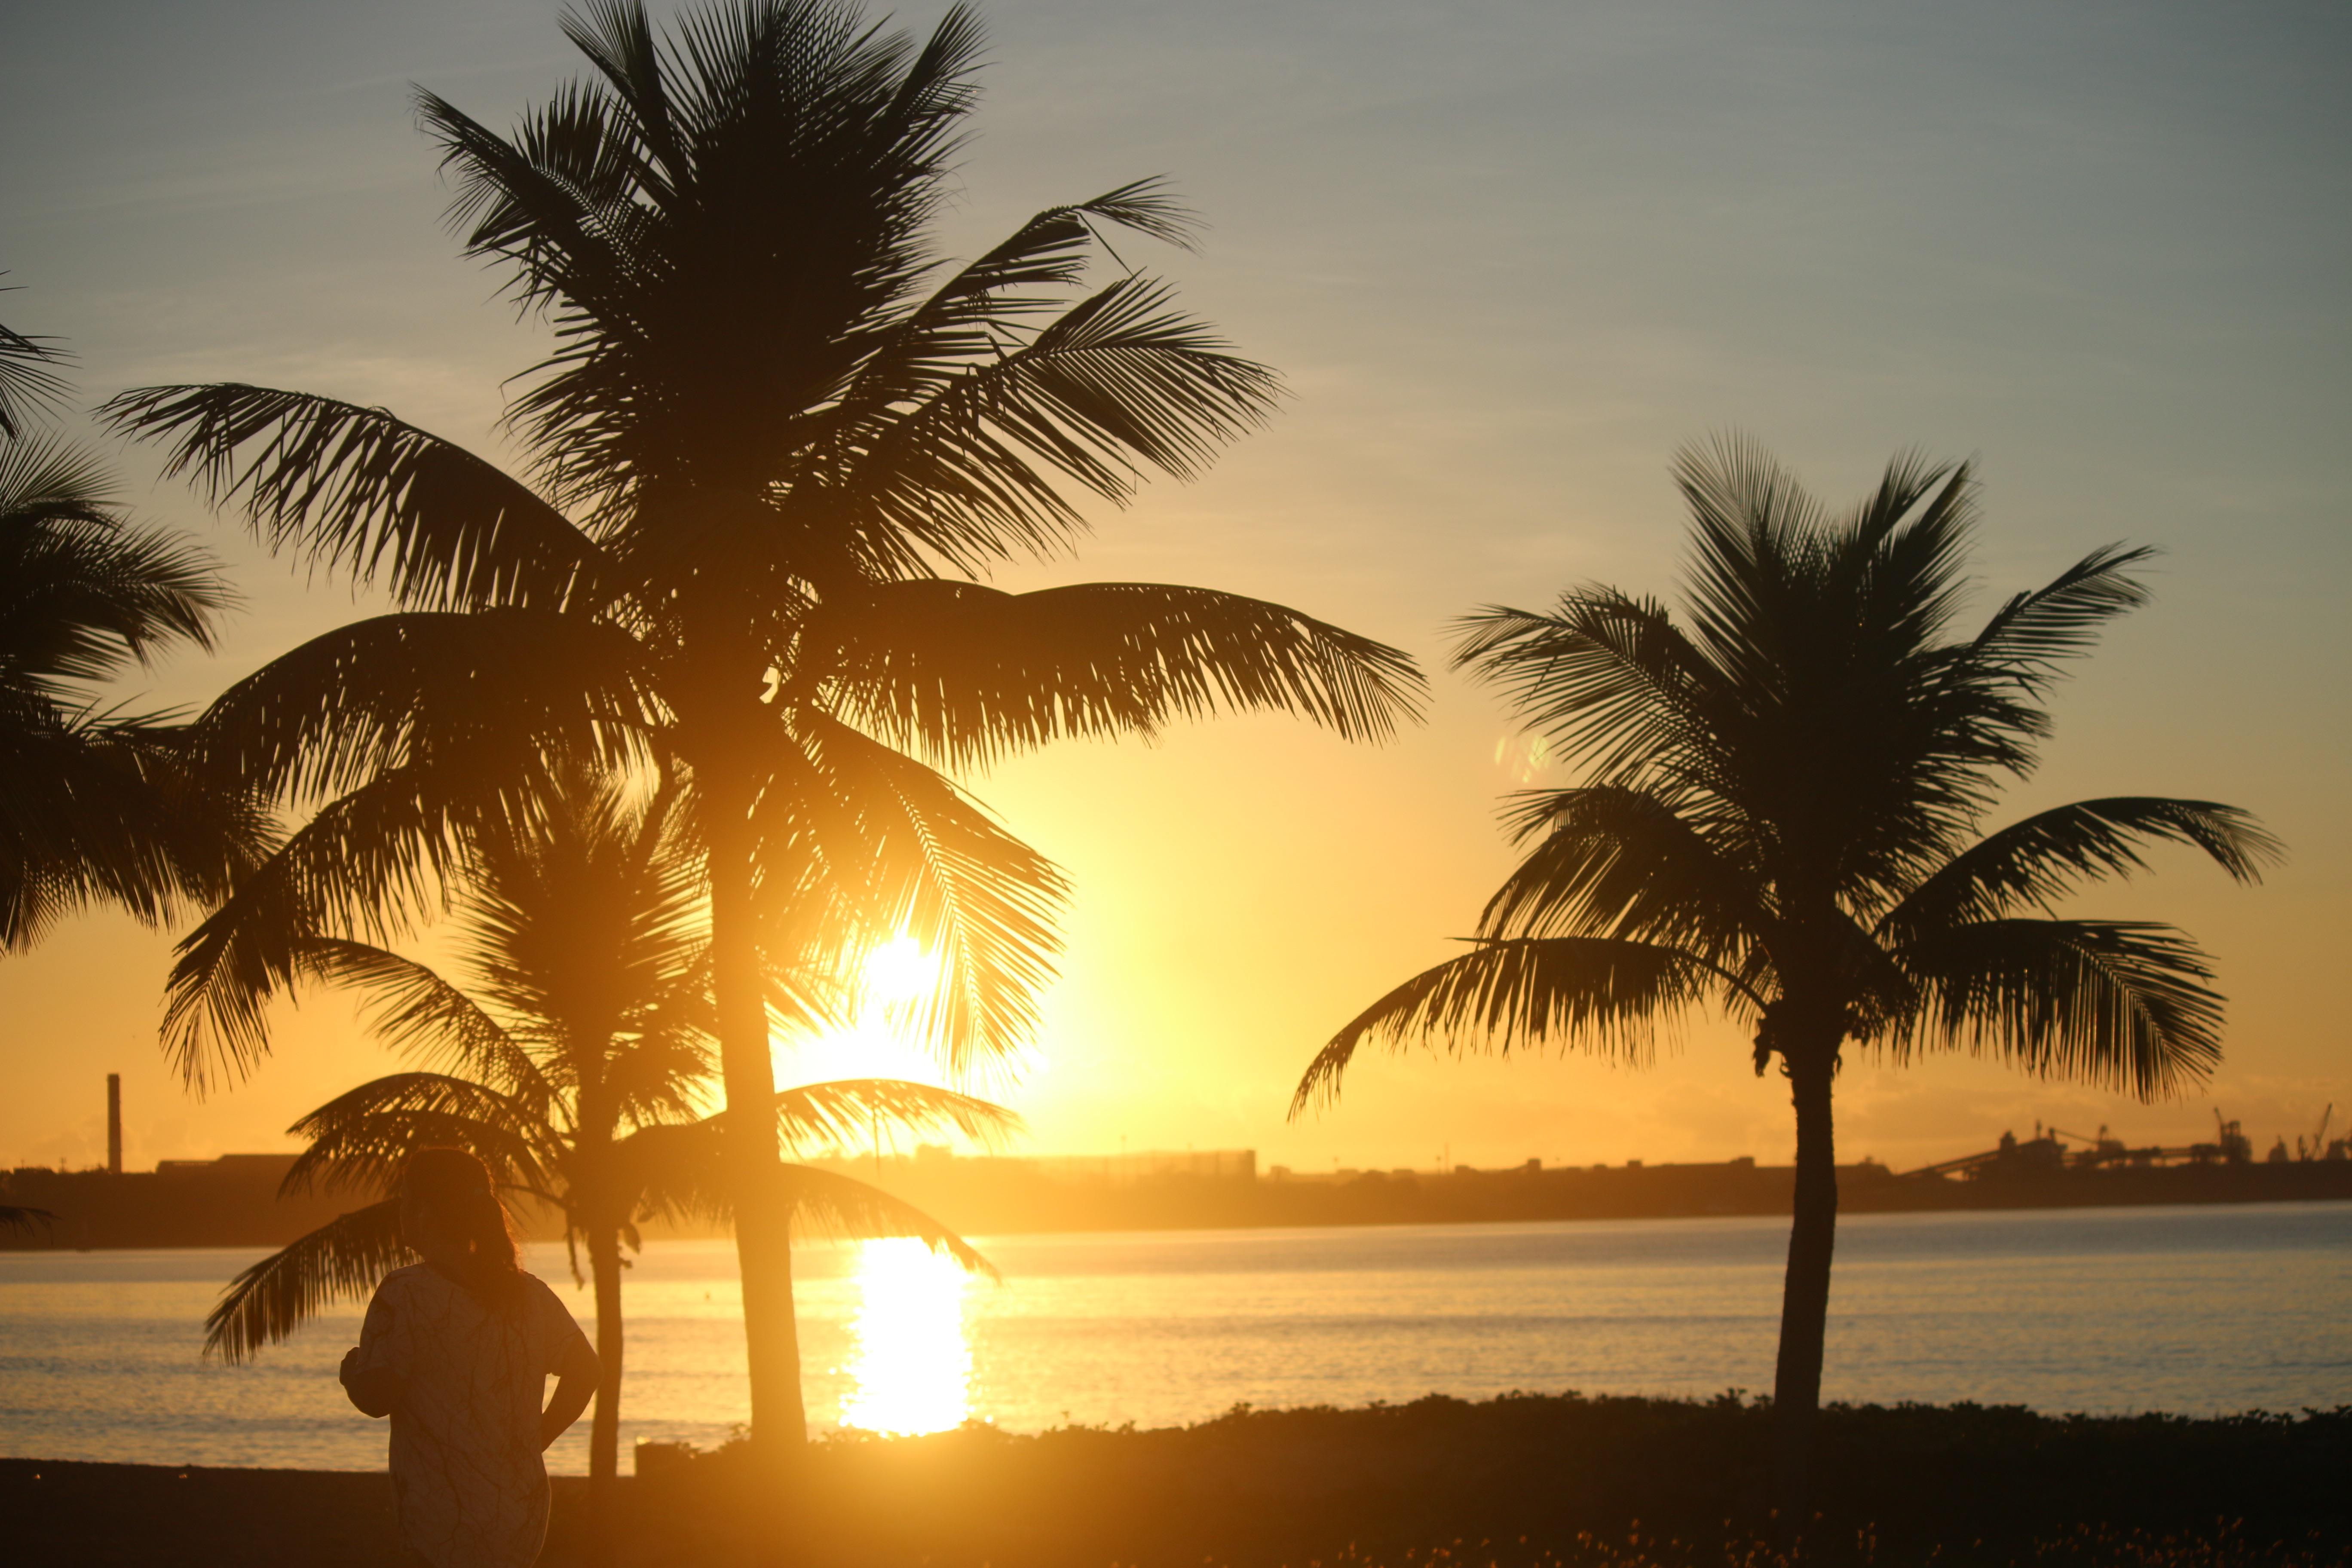 выставила фотографии картинки доброе утро пальмы отверг намеки то